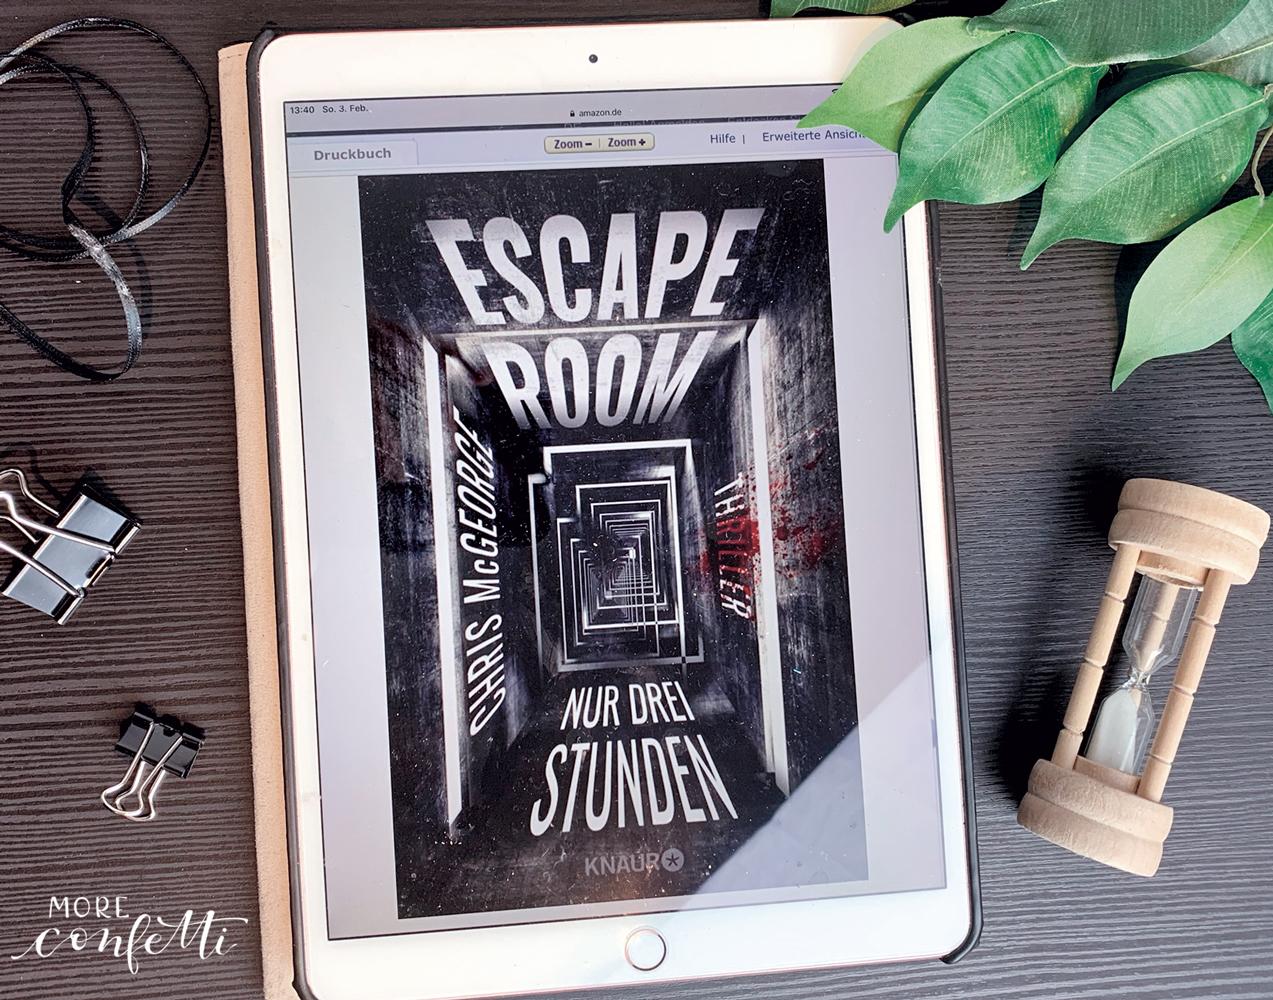 escape room - nur 3 Stunden - Rezension- moreconfetti.de